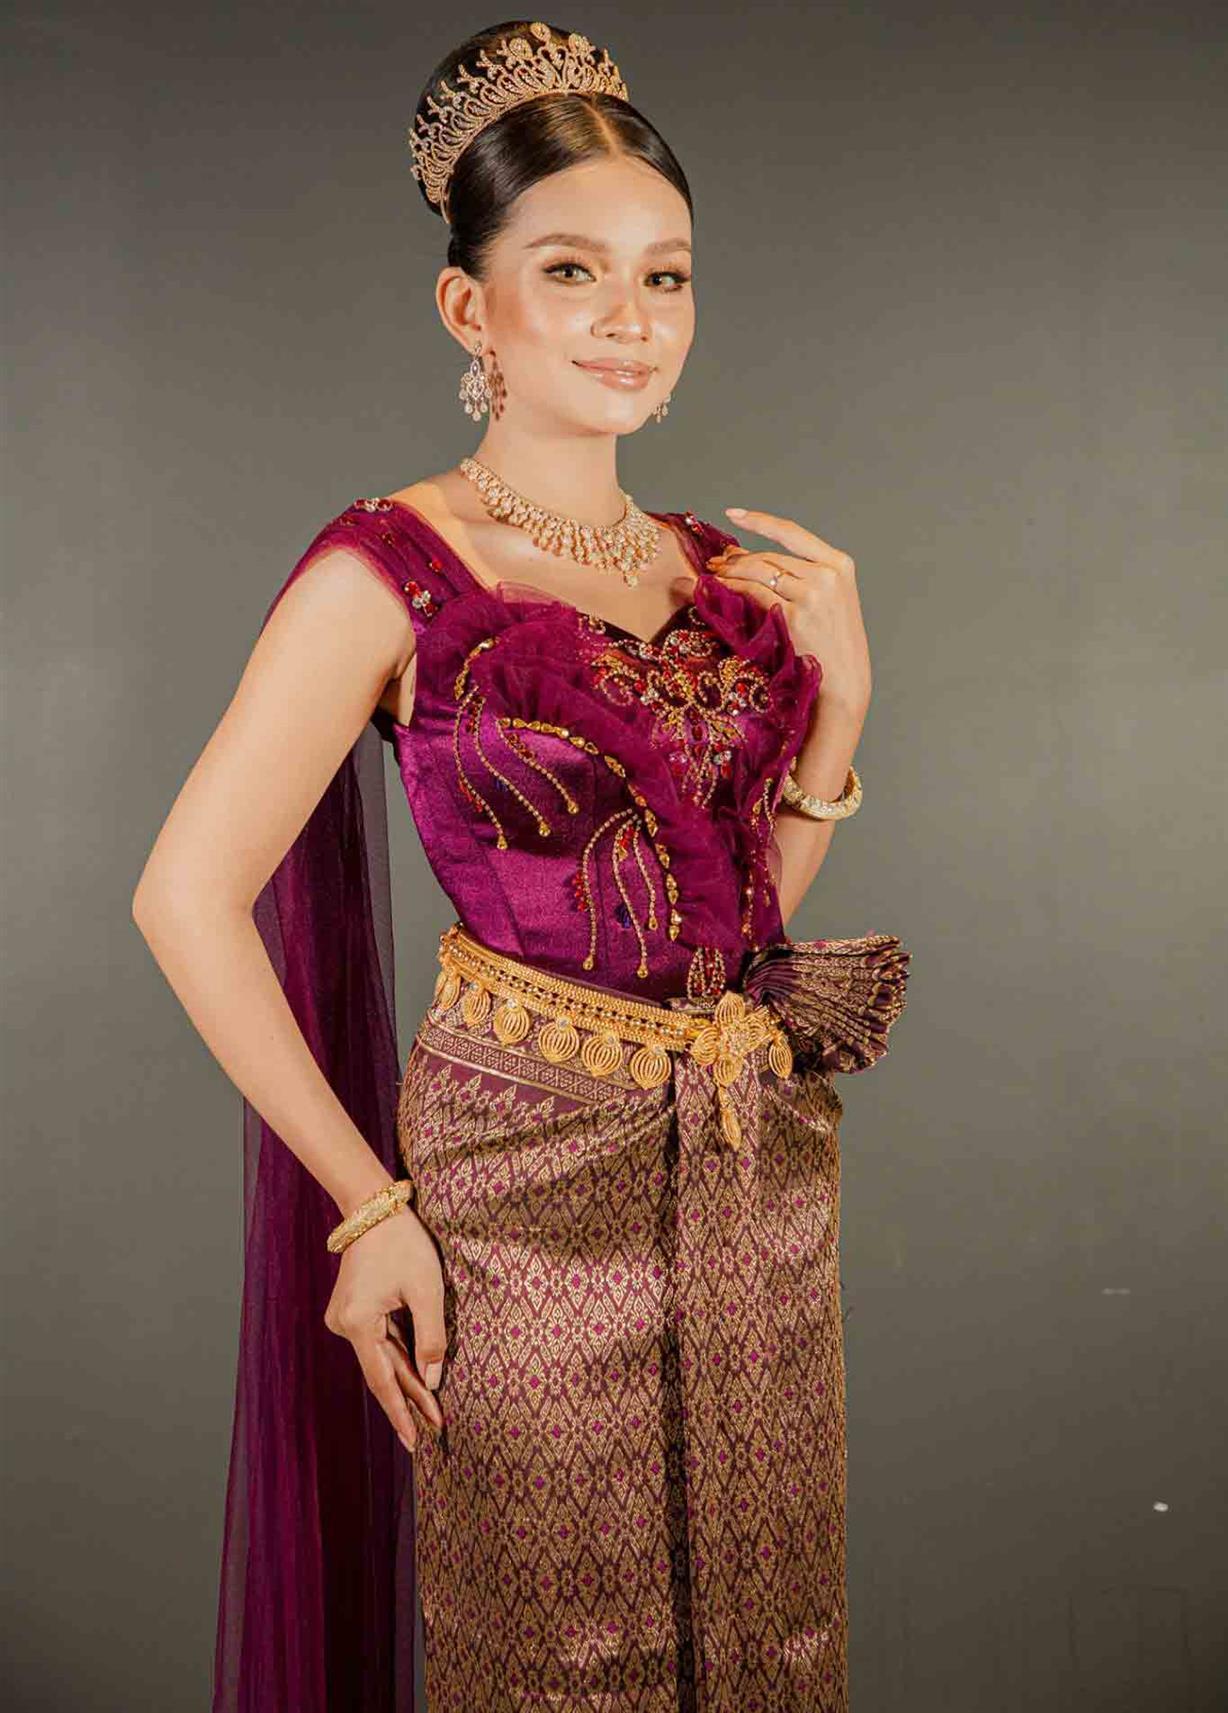 Miss Grand Kampong Chhnang 2020 Khat Sreychan